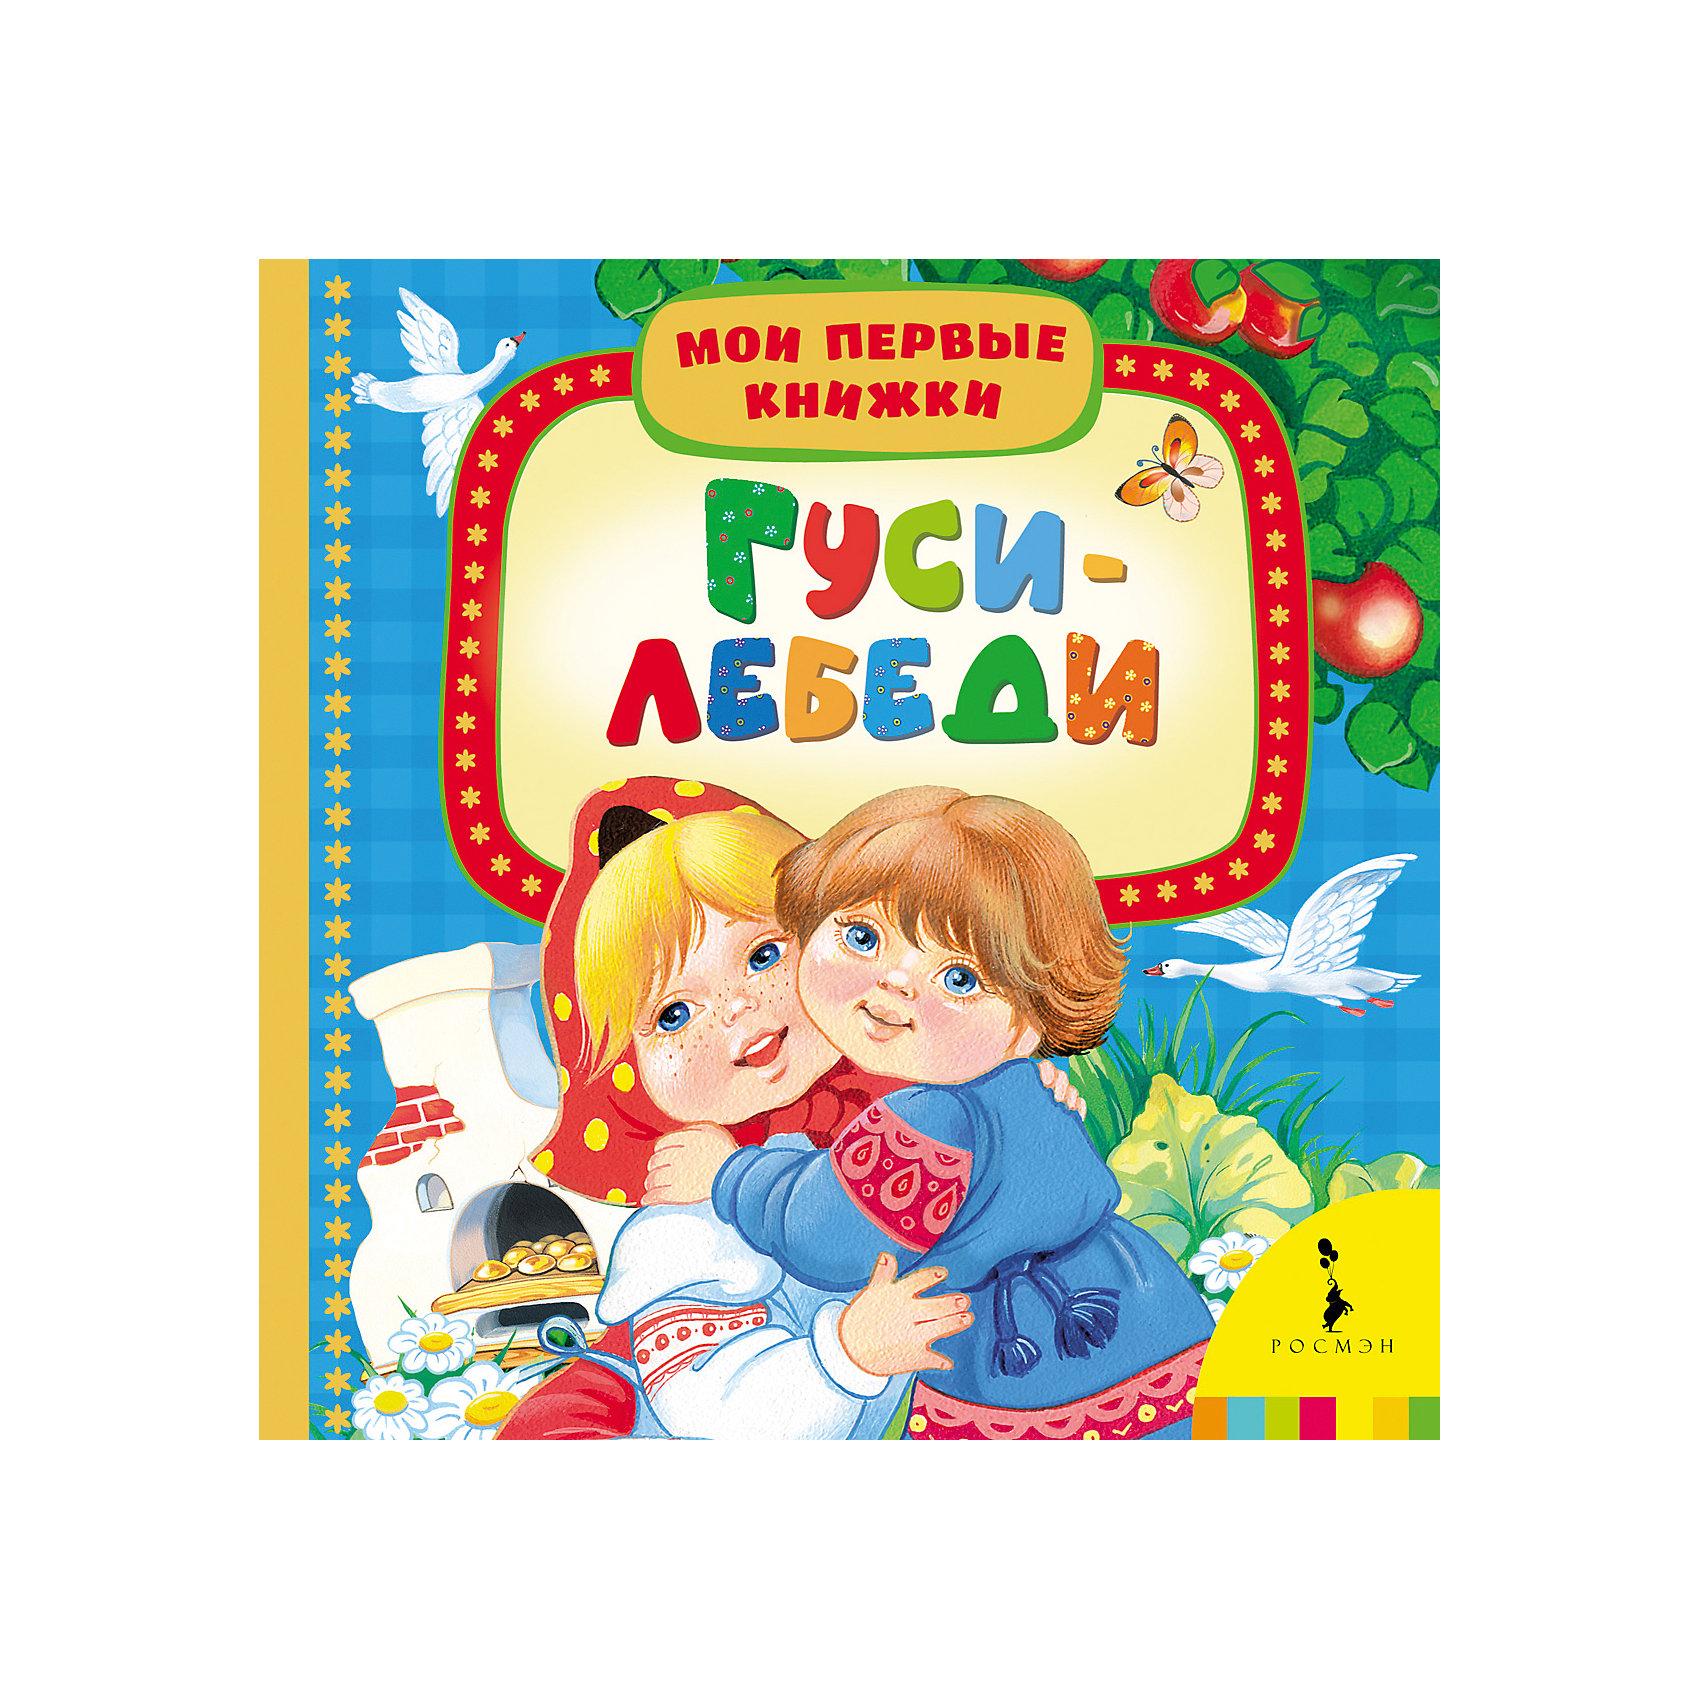 Гуси-лебеди, Мои первые книжкиХарактеристики товара:<br><br>- цвет: разноцветный;<br>- материал: картон;<br>- страниц: 14;<br>- формат: 17 х 17 см;<br>- обложка: картон;<br>- возраст: от 1 года. <br><br>Издания серии Мои первые книжки - отличный способ занять ребенка! Эта красочная книга станет отличным подарком для родителей и малыша. Она содержит в себе известные сказки, которые так любят дети. Отличный способ привить малышу любовь к чтению! Удобный формат и плотные странички позволят брать книгу с собой в поездки.<br>Чтение и рассматривание картинок даже в юном возрасте помогает ребенку развивать память, концентрацию внимания и воображение. Издание произведено из качественных материалов, которые безопасны даже для самых маленьких.<br><br>Издание Гуси-лебеди, Мои первые книжки от компании Росмэн можно купить в нашем интернет-магазине.<br><br>Ширина мм: 165<br>Глубина мм: 165<br>Высота мм: 15<br>Вес г: 358<br>Возраст от месяцев: 0<br>Возраст до месяцев: 36<br>Пол: Унисекс<br>Возраст: Детский<br>SKU: 5110280